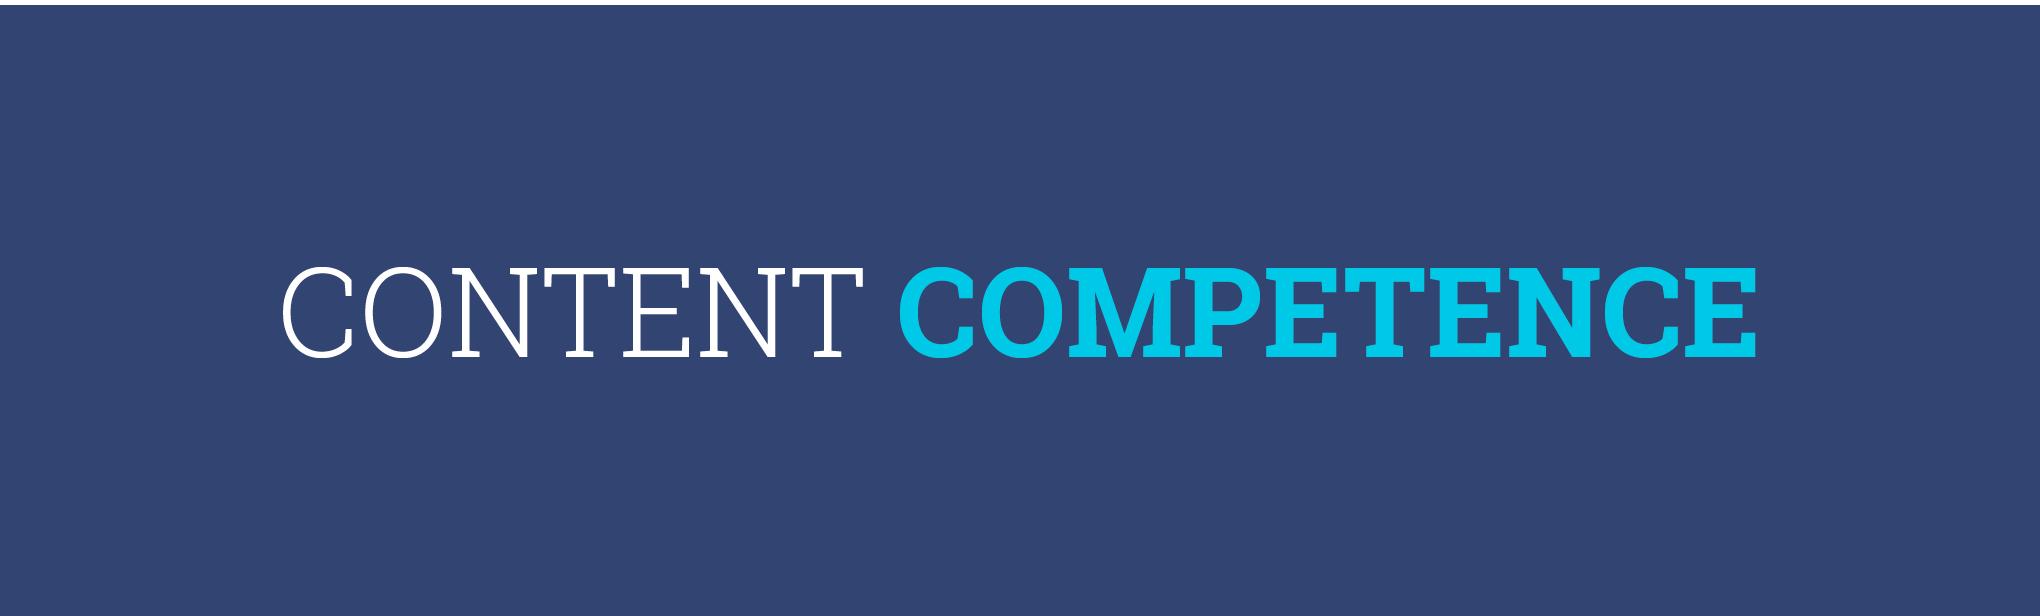 Typografie Content Competence für additiv pr in Montabaur. Gestaltung von den sons of ipanema aus Köln.